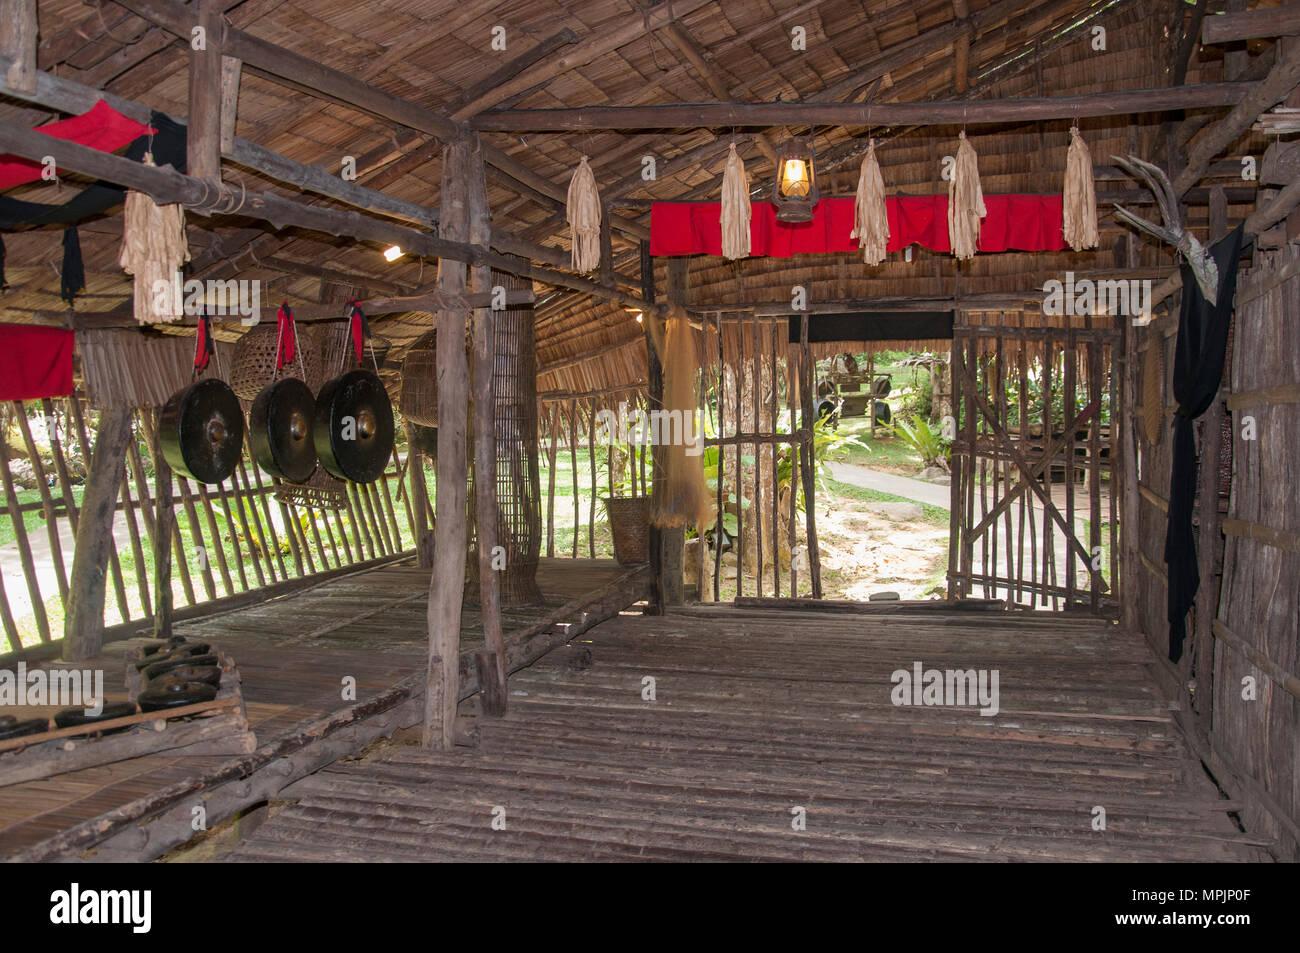 Interior of a Rungus Longhouse at the Mari Mari Cultural Village, Kota Kinabalu, Sabah, Malaysian Borneo - Stock Image